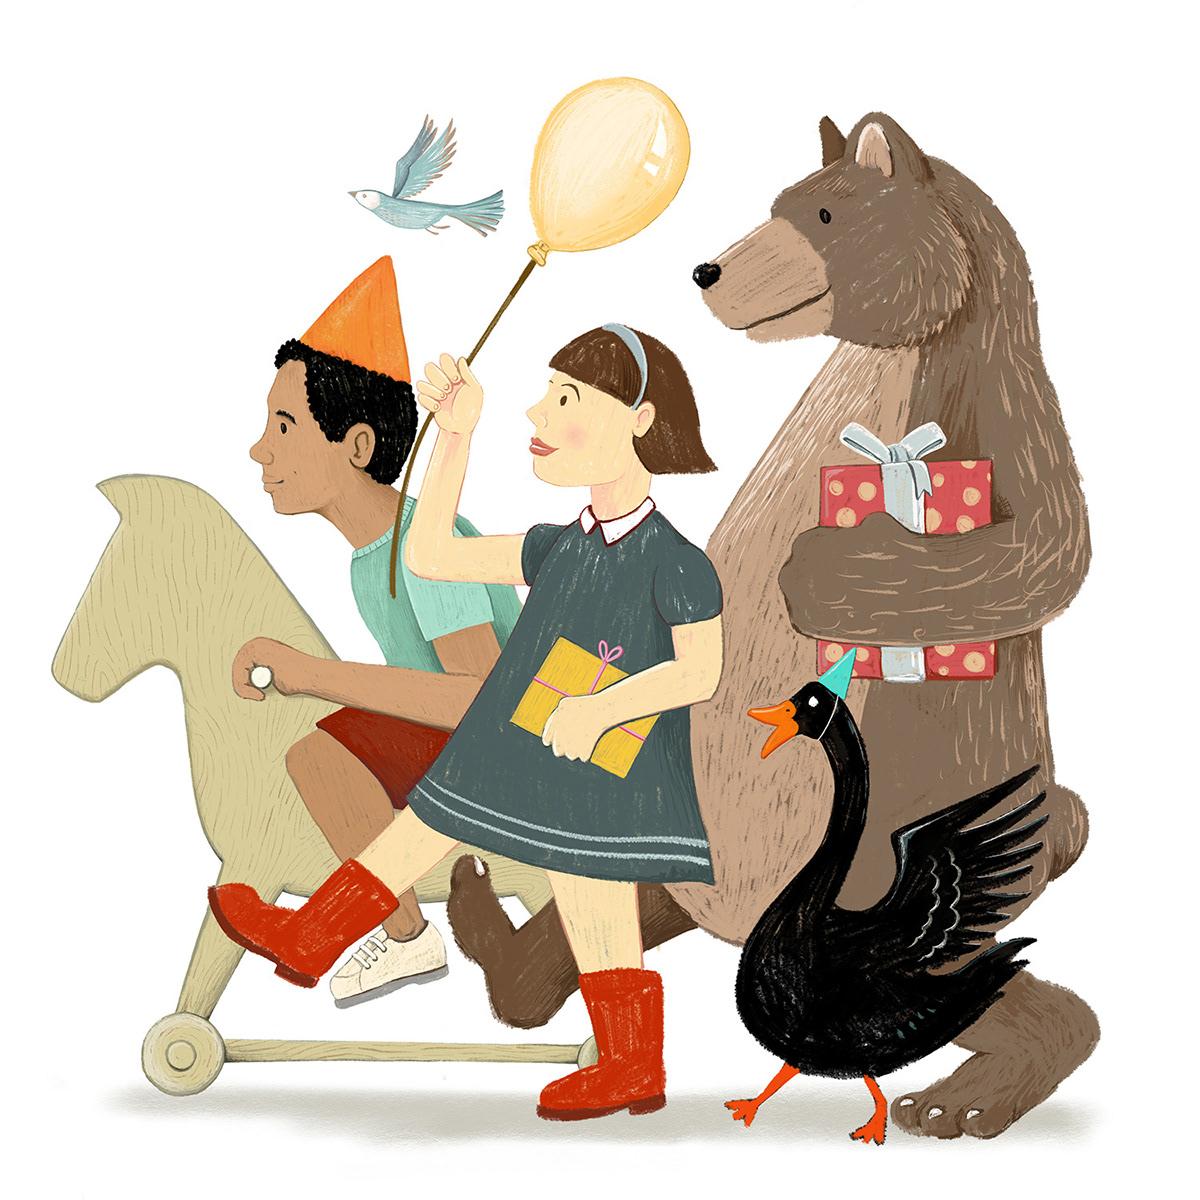 欢乐儿童绘本插画设计